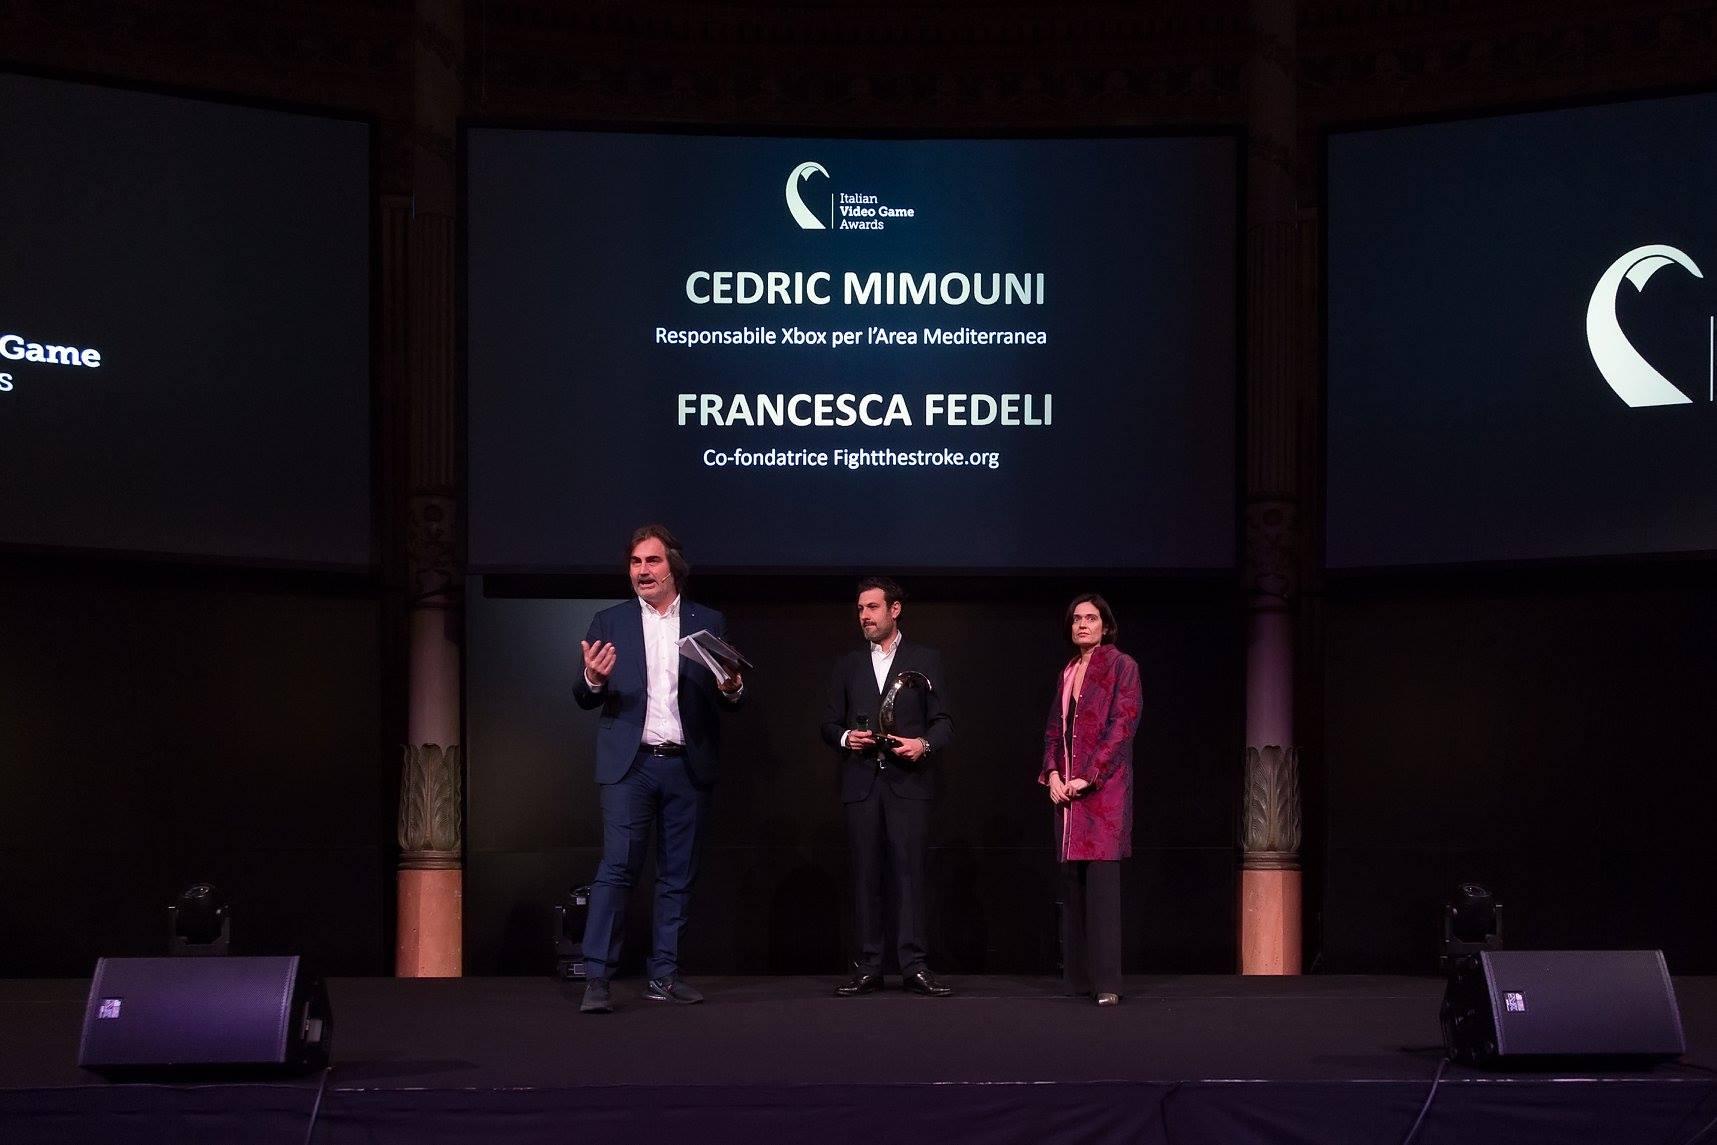 Italian Videogames Award – Xbox Adaptive Controller 2019